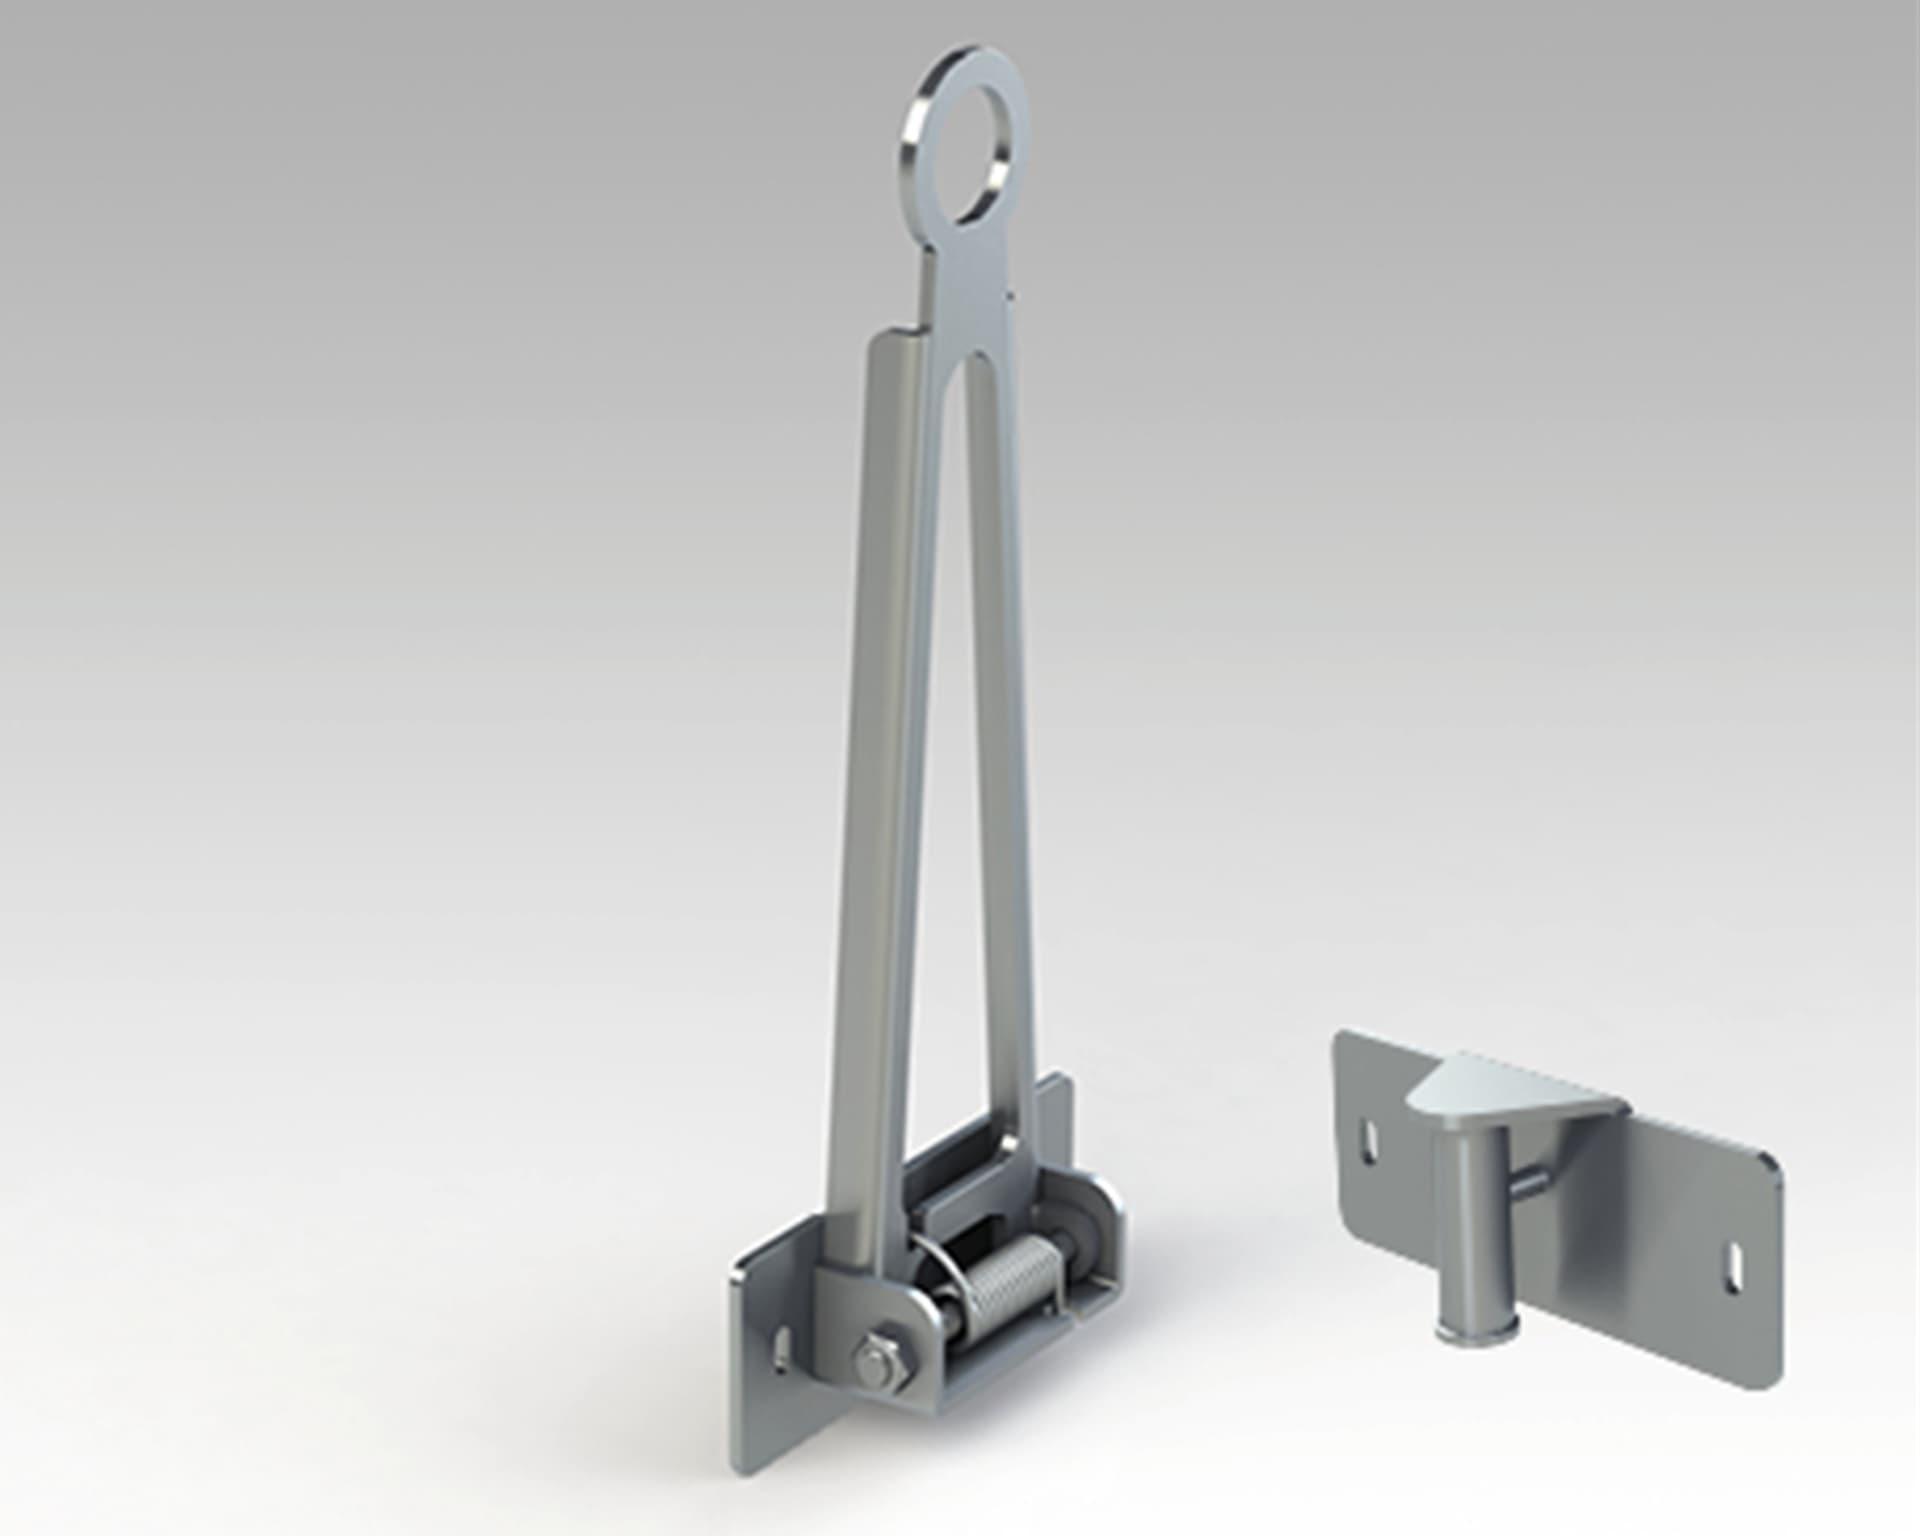 PEK3 Easytube Metal Accessories FH-B